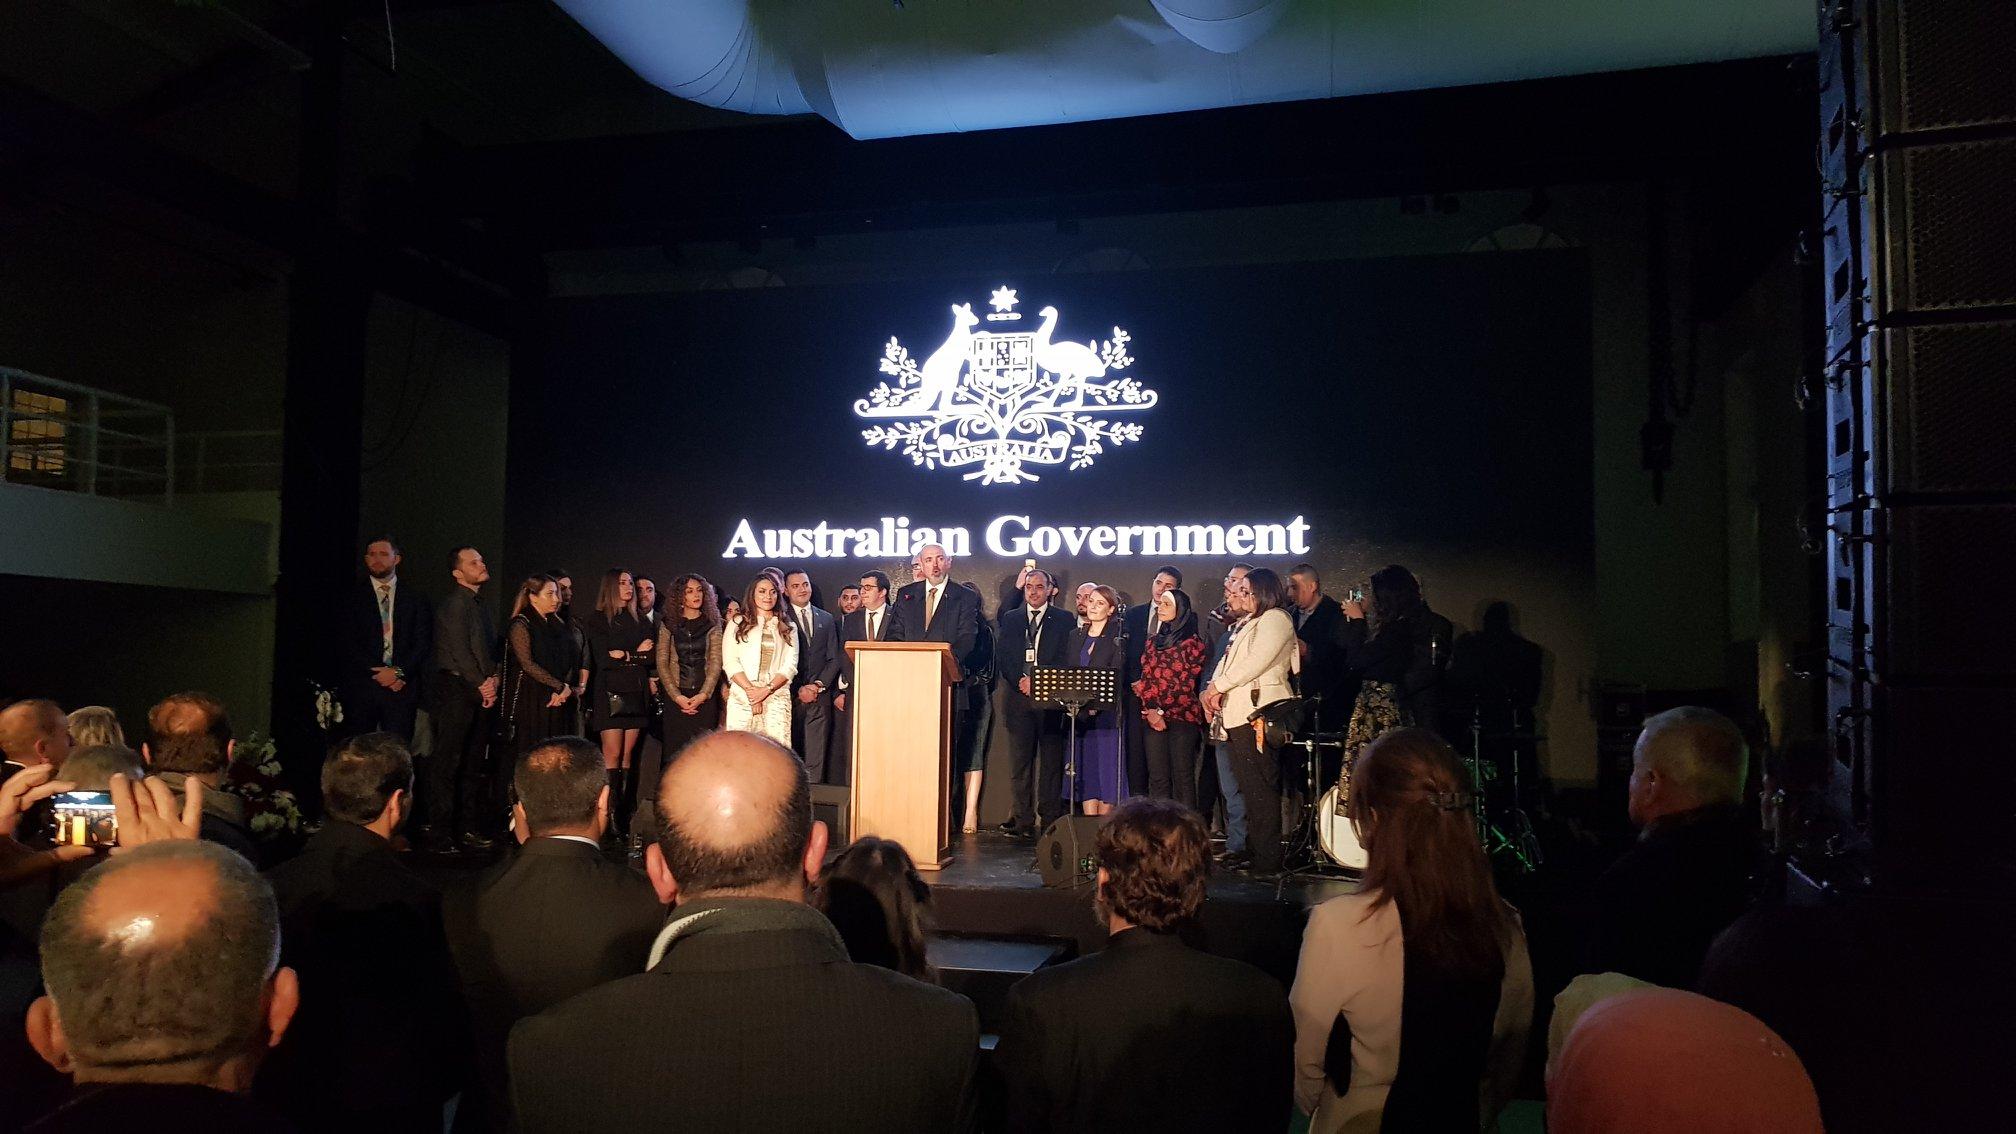 مركز اللغات الحديث يشارك السفارة الاسترالية احتفالهم السنوي لليوم الوطني لدولة استراليا